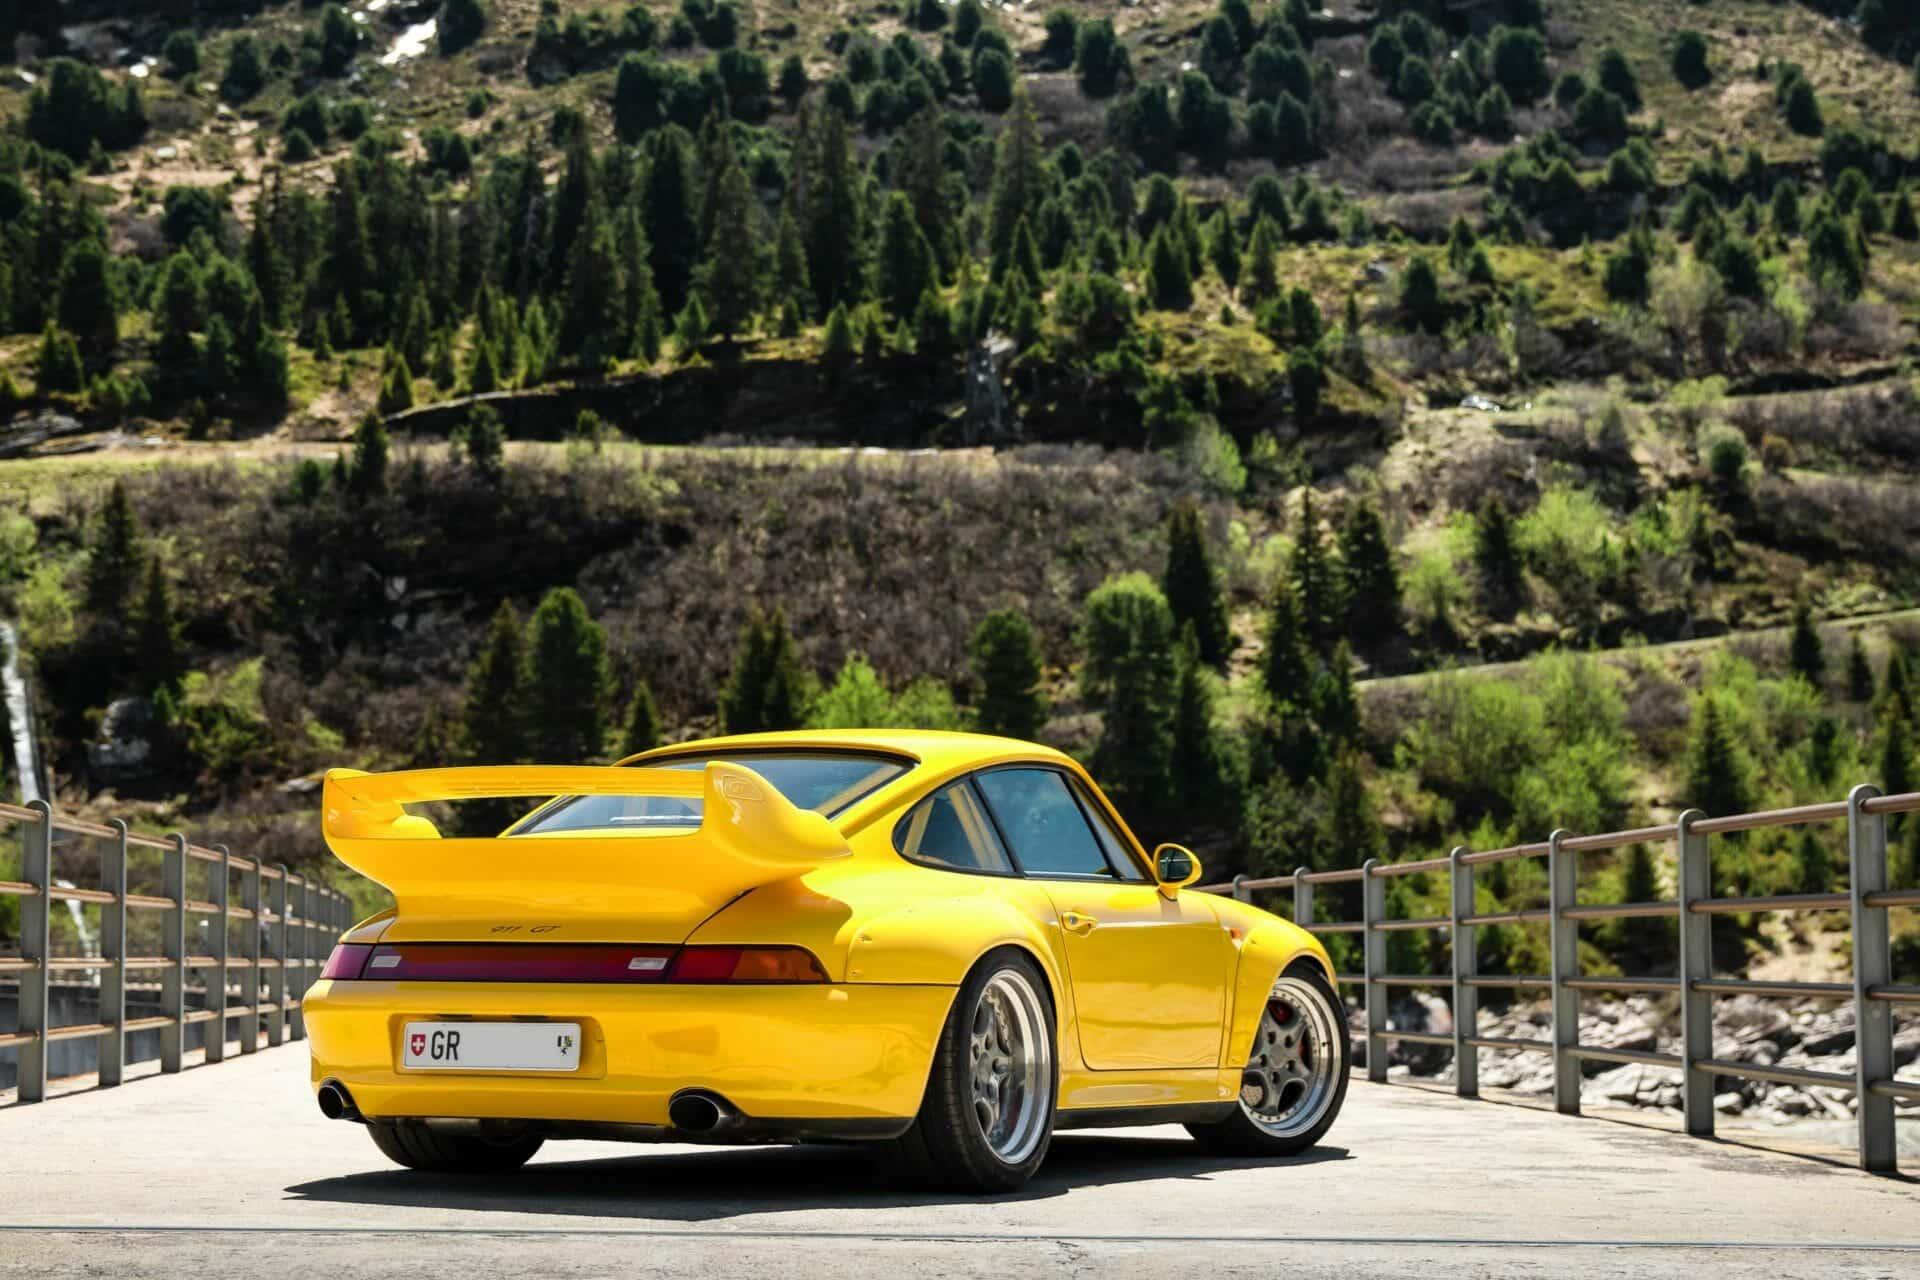 Porsche 993 GT2 Clubsport - Picture 3